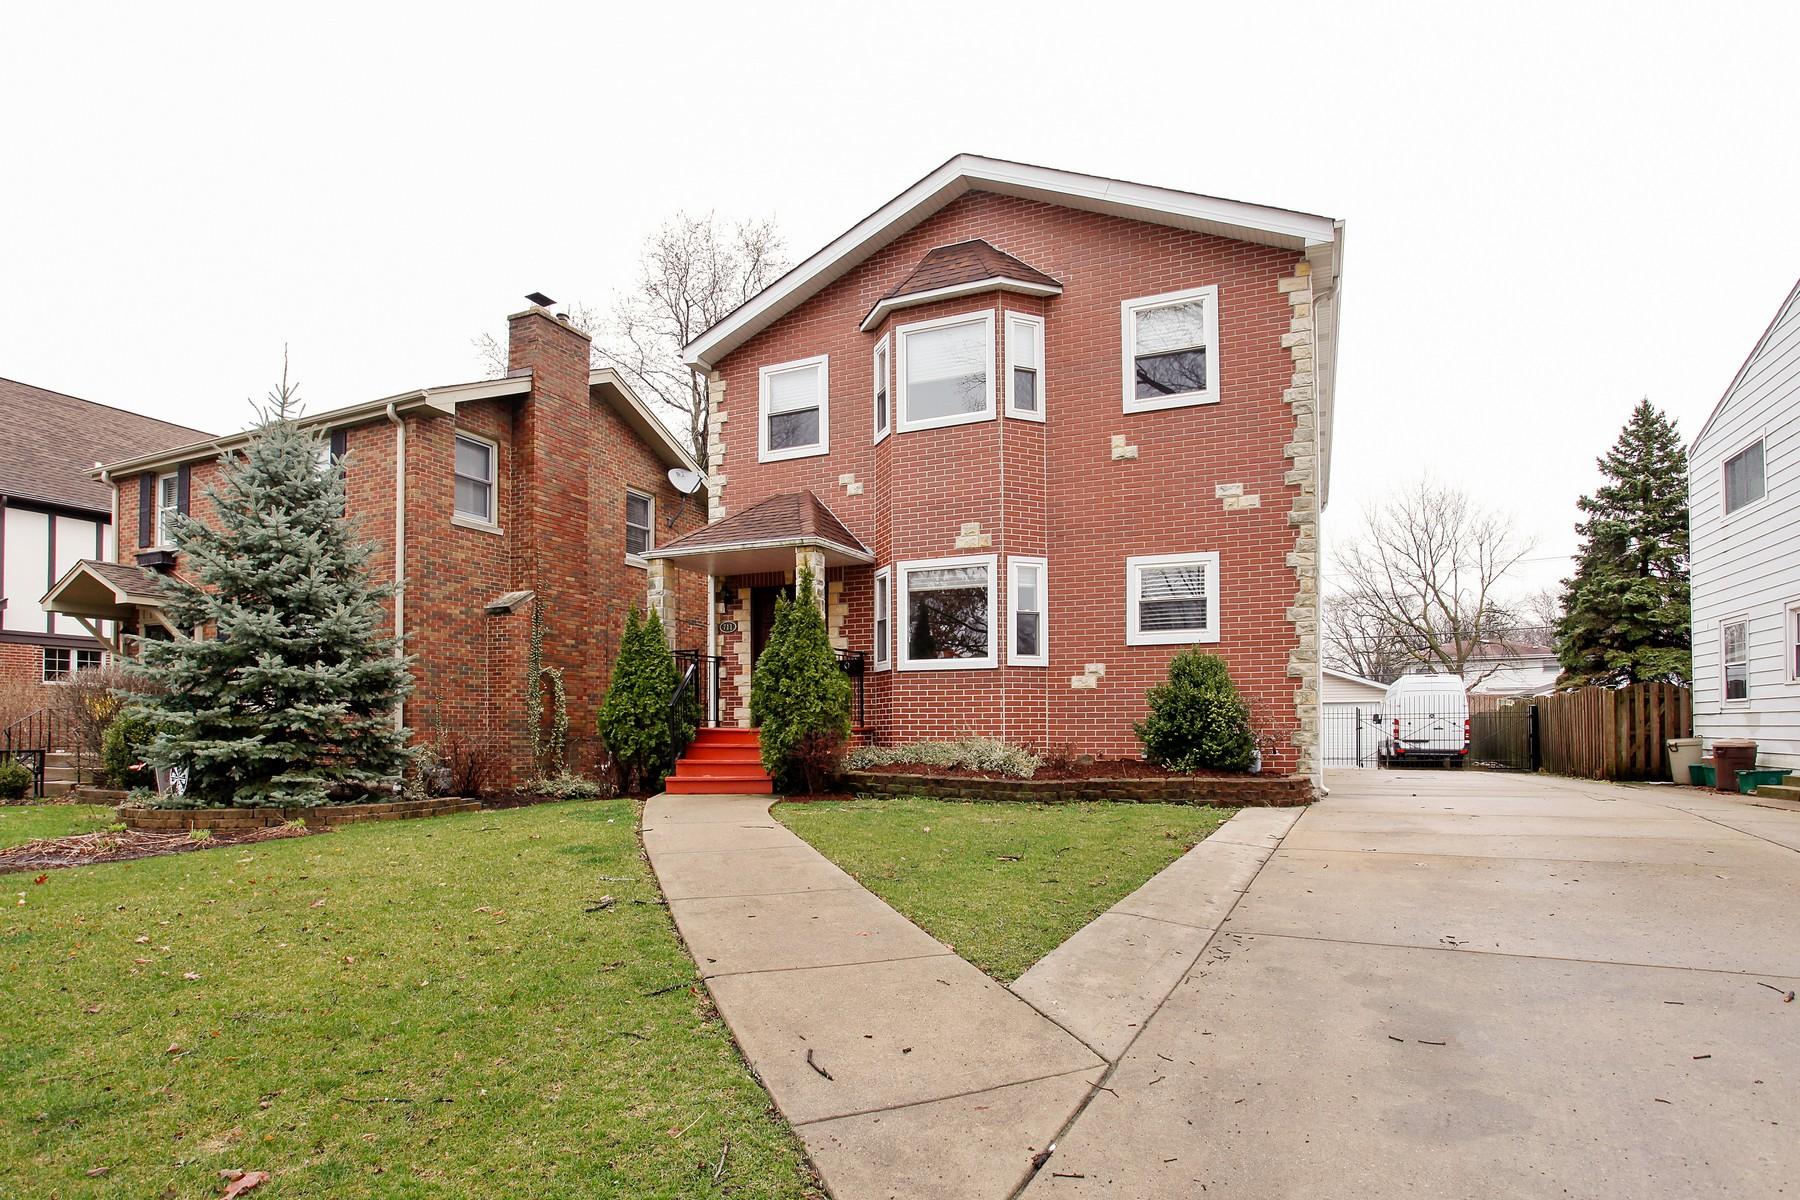 단독 가정 주택 용 매매 에 Beautiful Home in Desirable Location 711 S Madison Avenue La Grange, 일리노이즈, 60525 미국